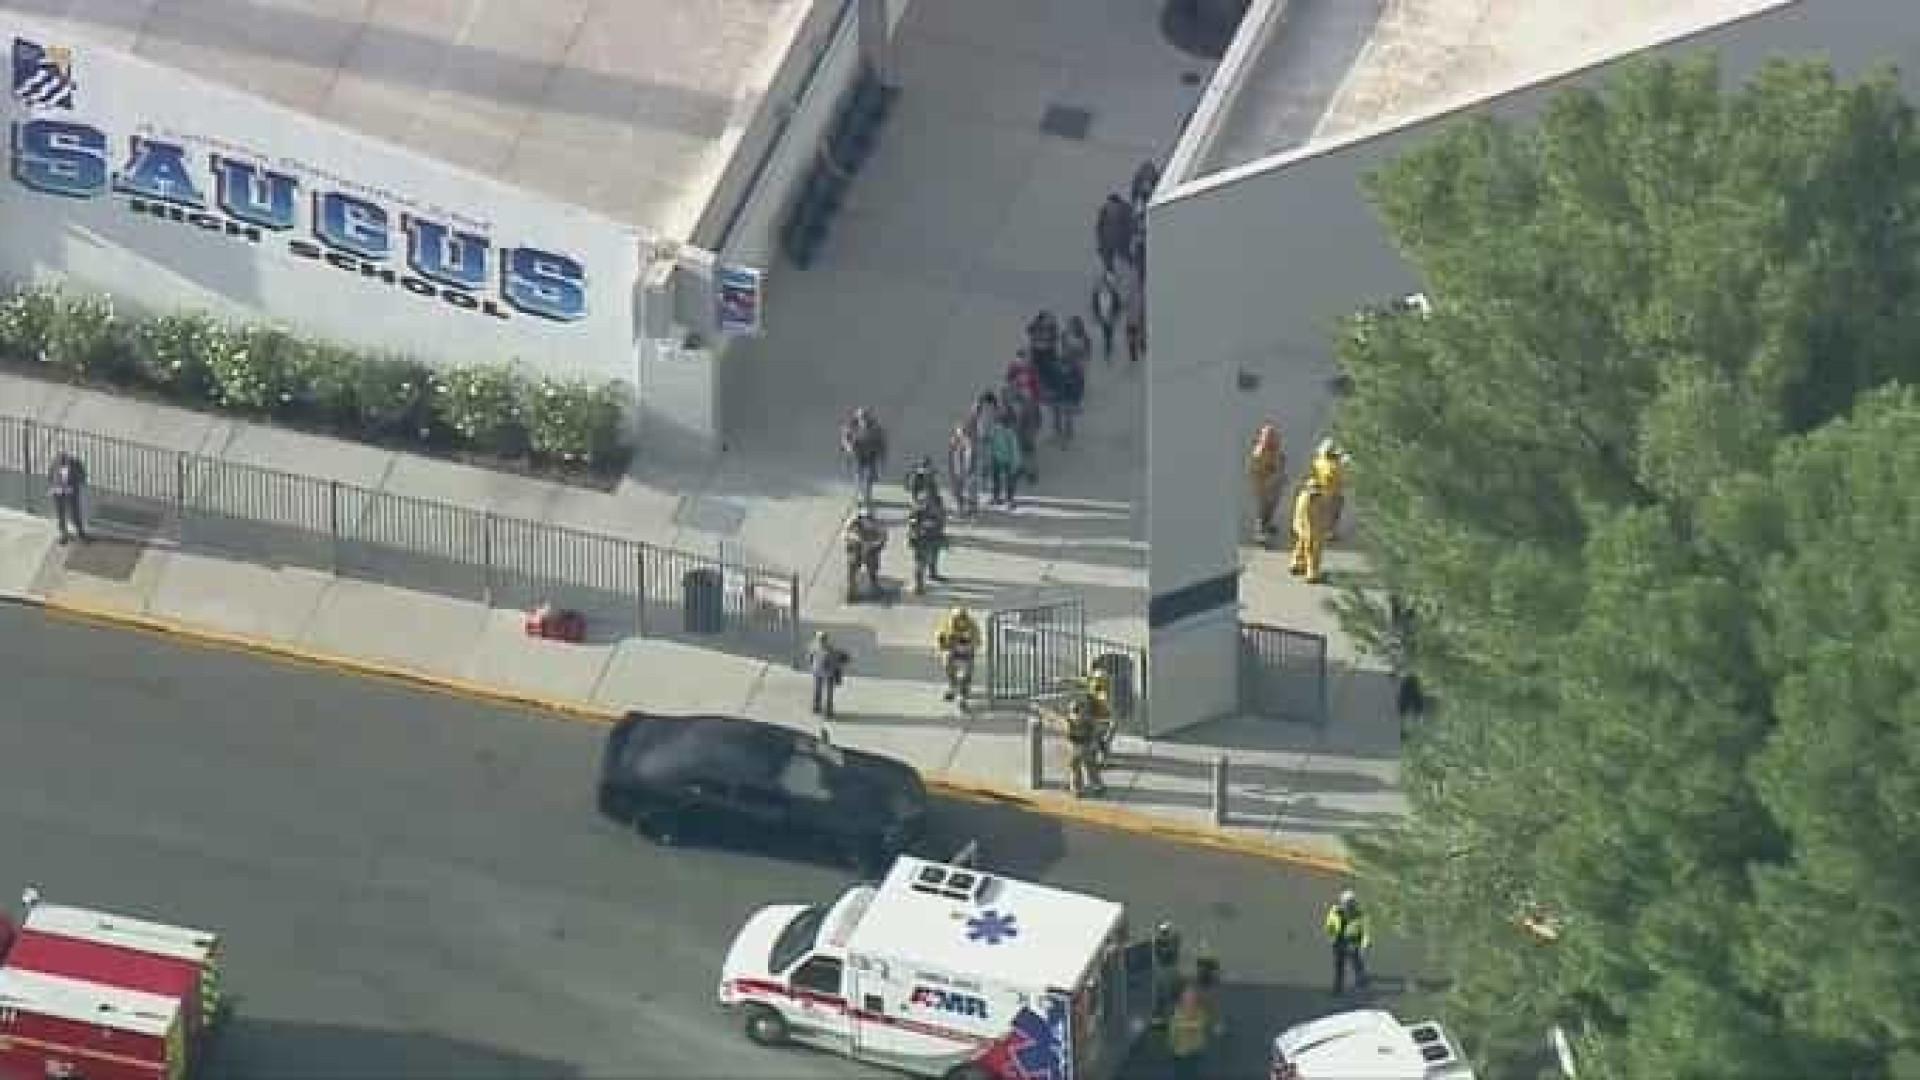 Ataque a tiros deixa vários feridos em escola de Los Angeles